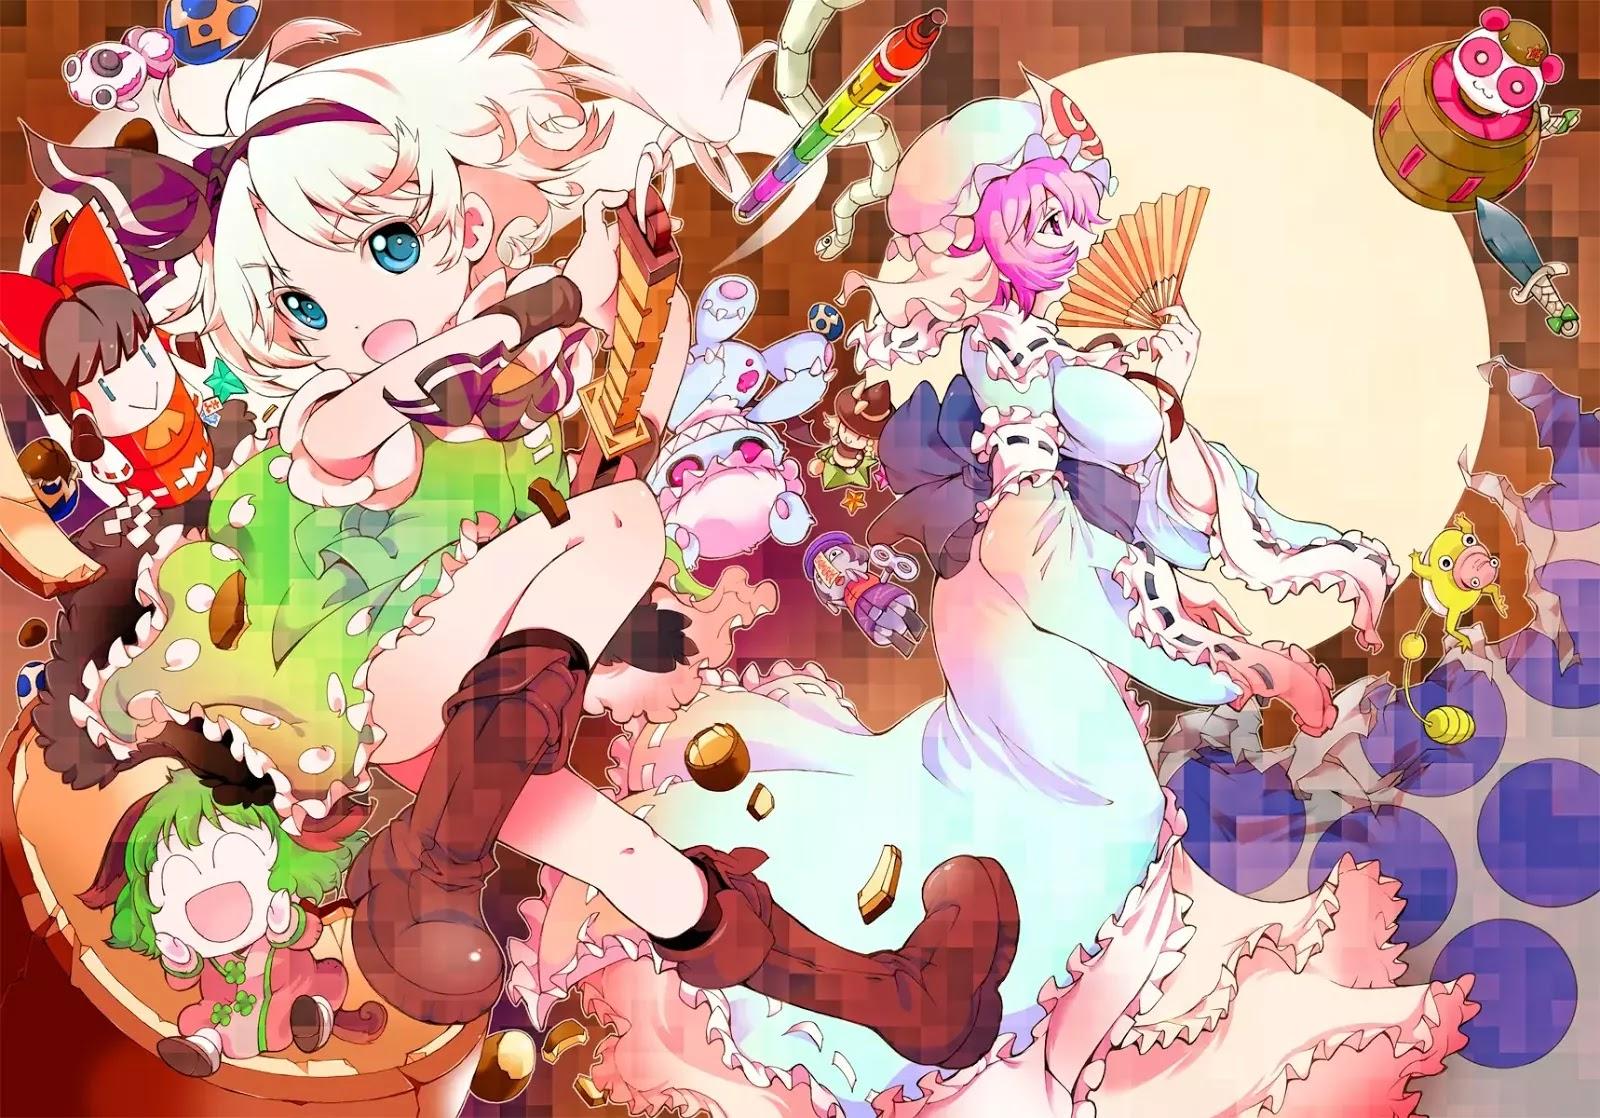 AowVN%2B%252852%2529 - [ Hình Nền ] Loli cực đẹp , cực độc Full HD | Anime Wallpaper